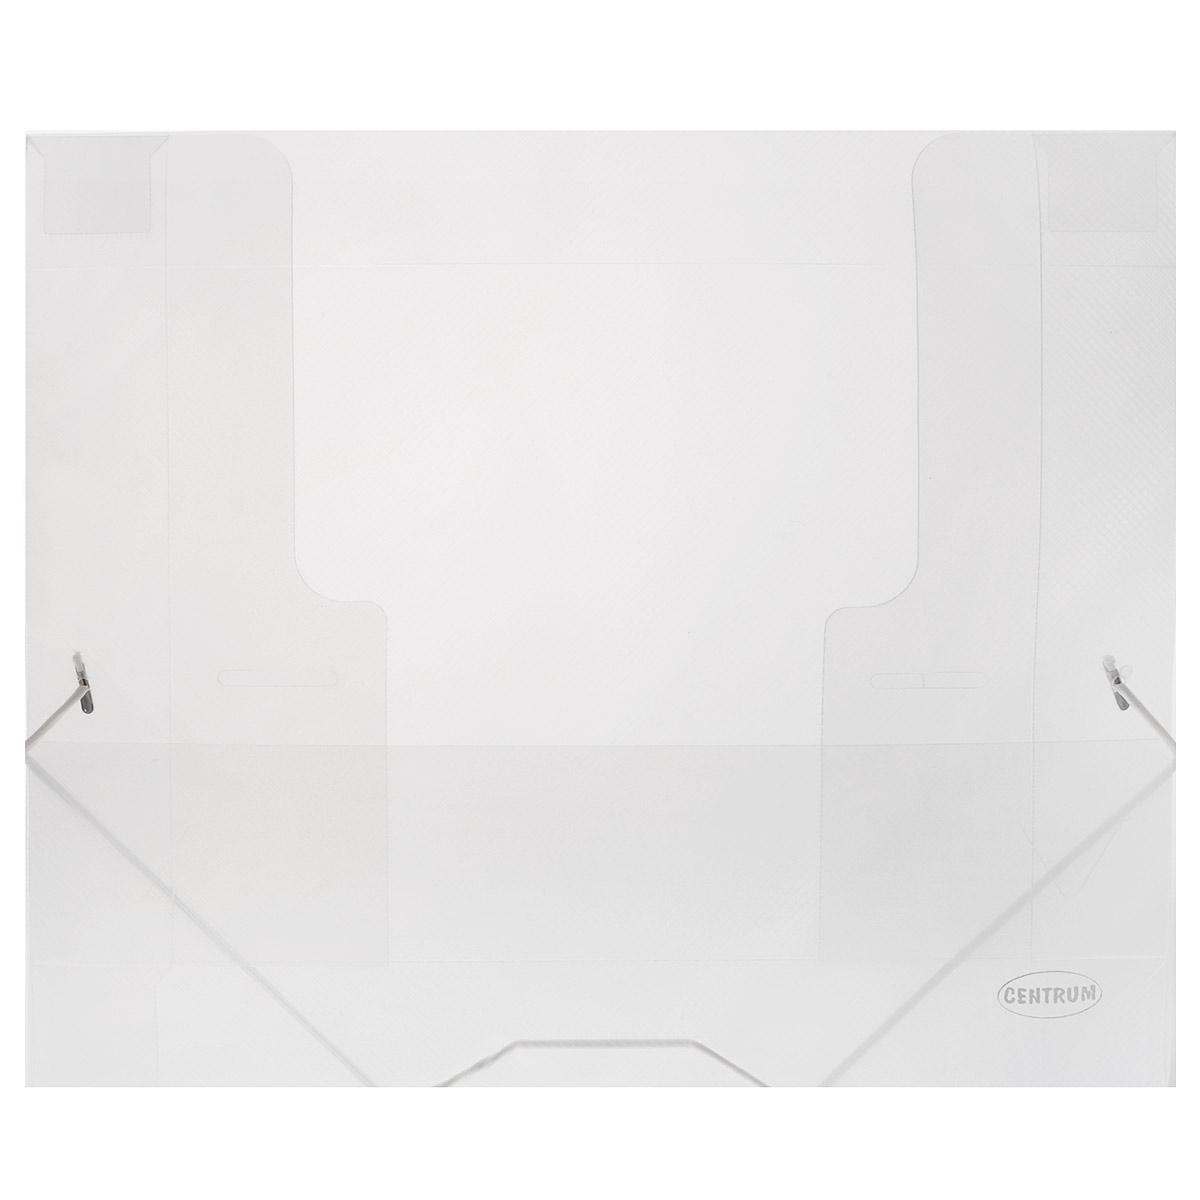 Папка на резинках Centrum пластиковая, формат А4, цвет: прозрачный80020Папка на резинке Centrum станет вашим верным помощником дома и в офисе. Это удобный и функциональный инструмент, предназначенный для хранения и транспортировки больших объемов рабочих бумаг и документов формата А4. Она изготовлена из износостойкого высококачественного пластика. Папка - это незаменимый атрибут для любого студента, школьника или офисного работника. Такая папка надежно сохранит ваши бумаги и сбережет их от повреждений, пыли и влаги.